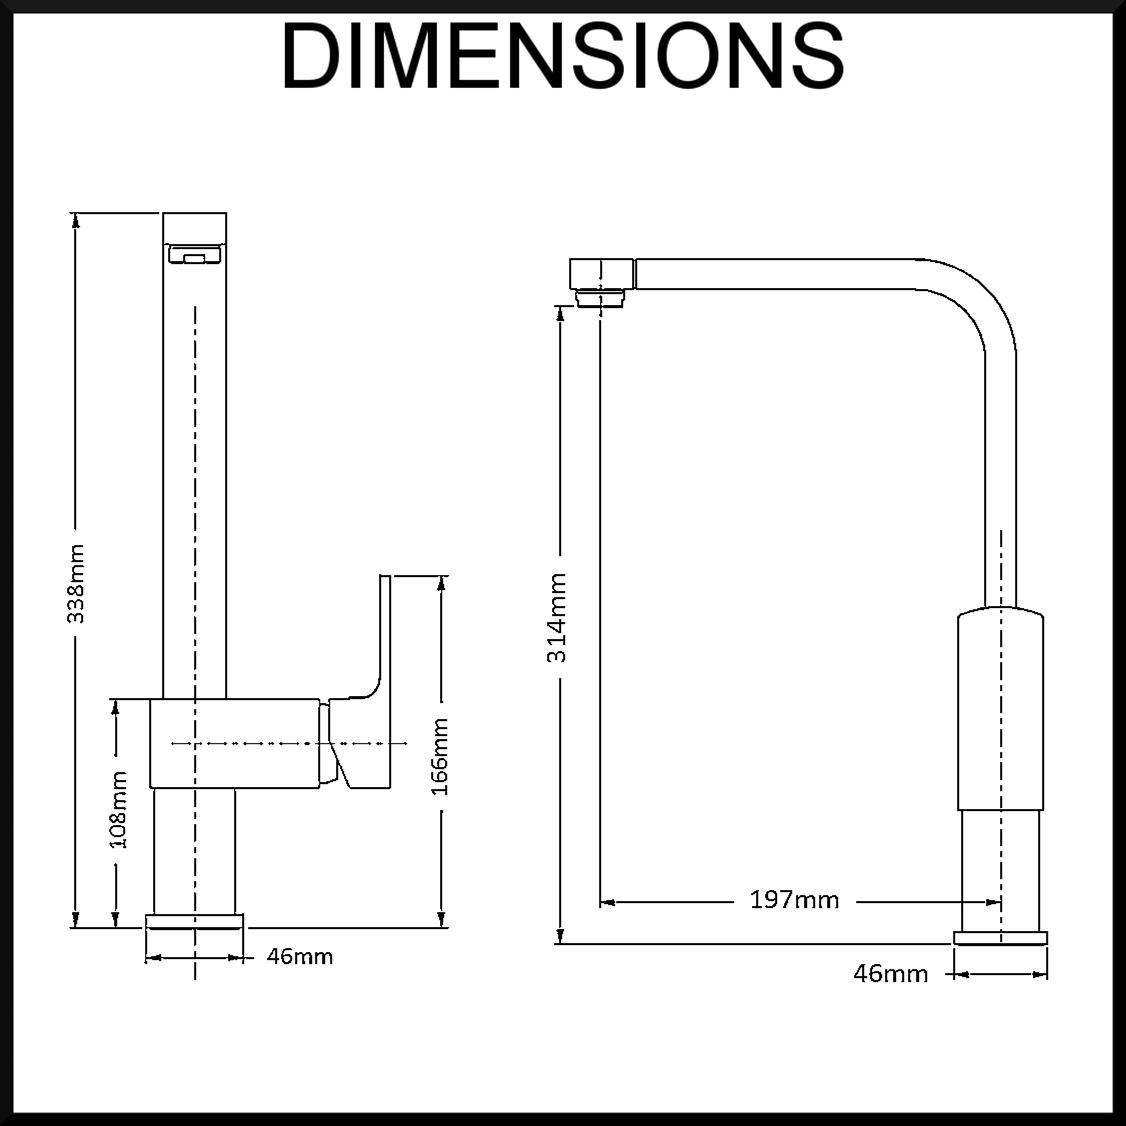 aguzzo-trento-dimension-diagram